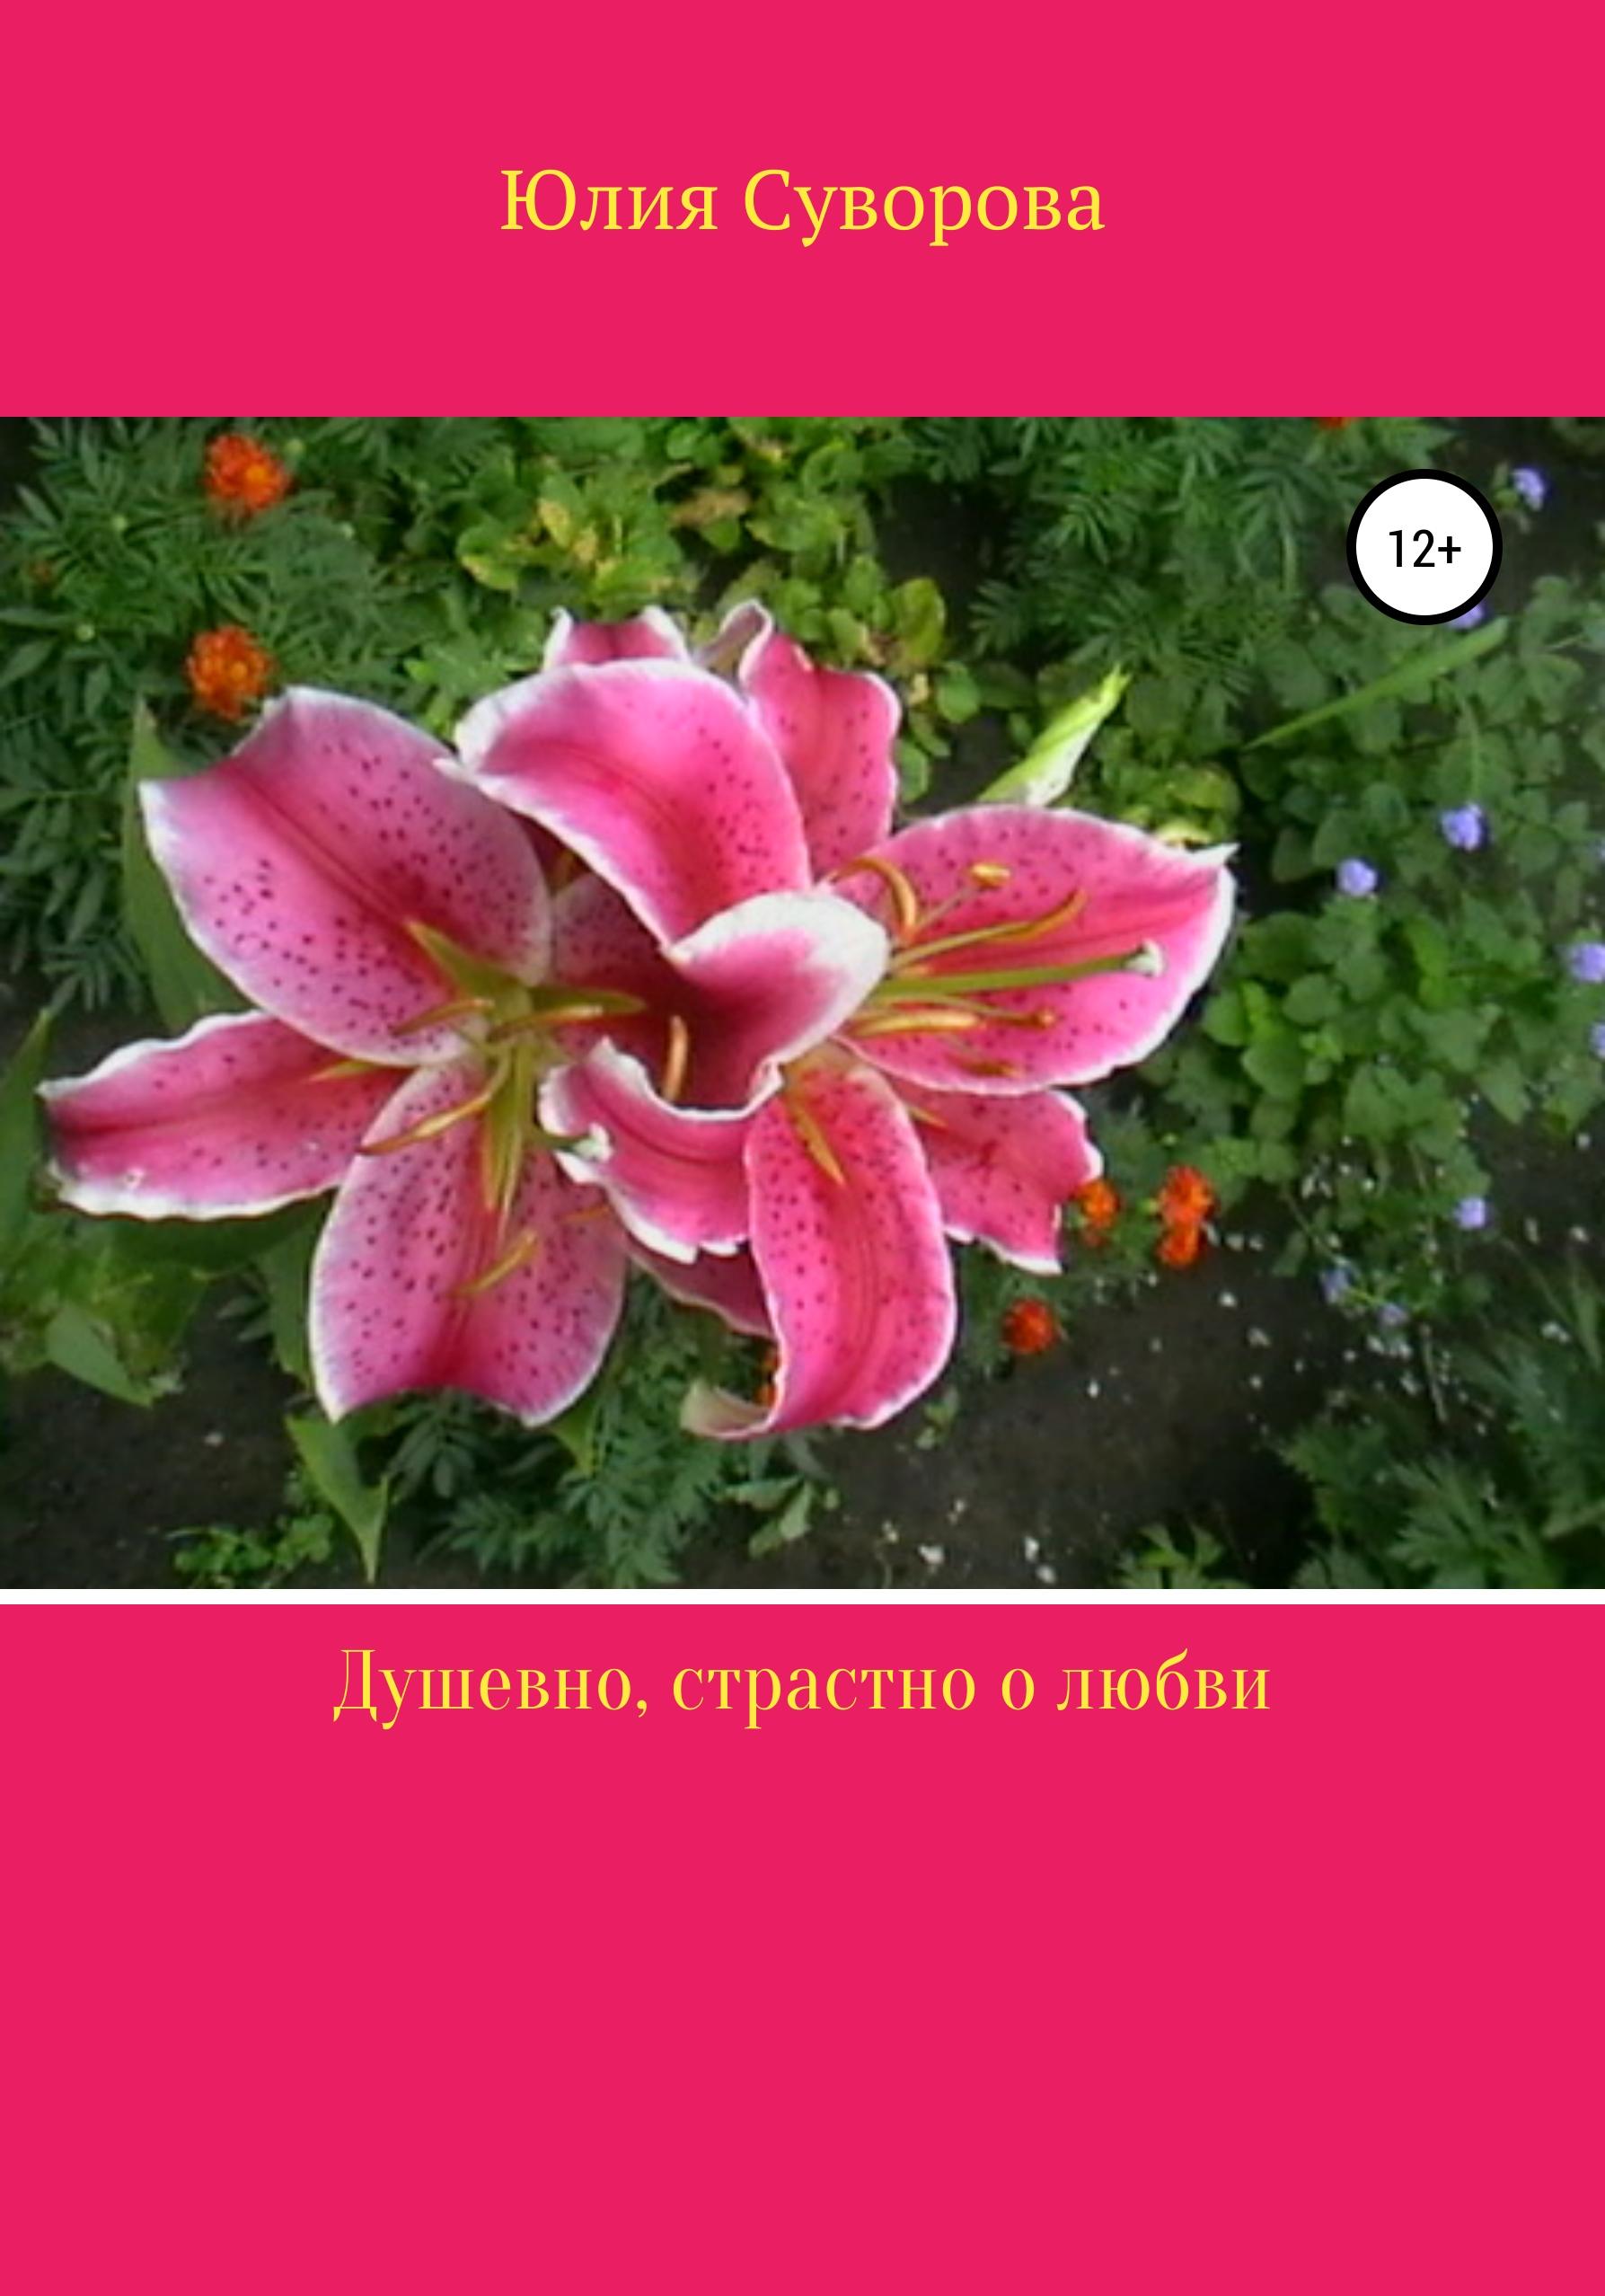 Купить книгу Душевно, страстно о любви, автора Юлии Суворовой